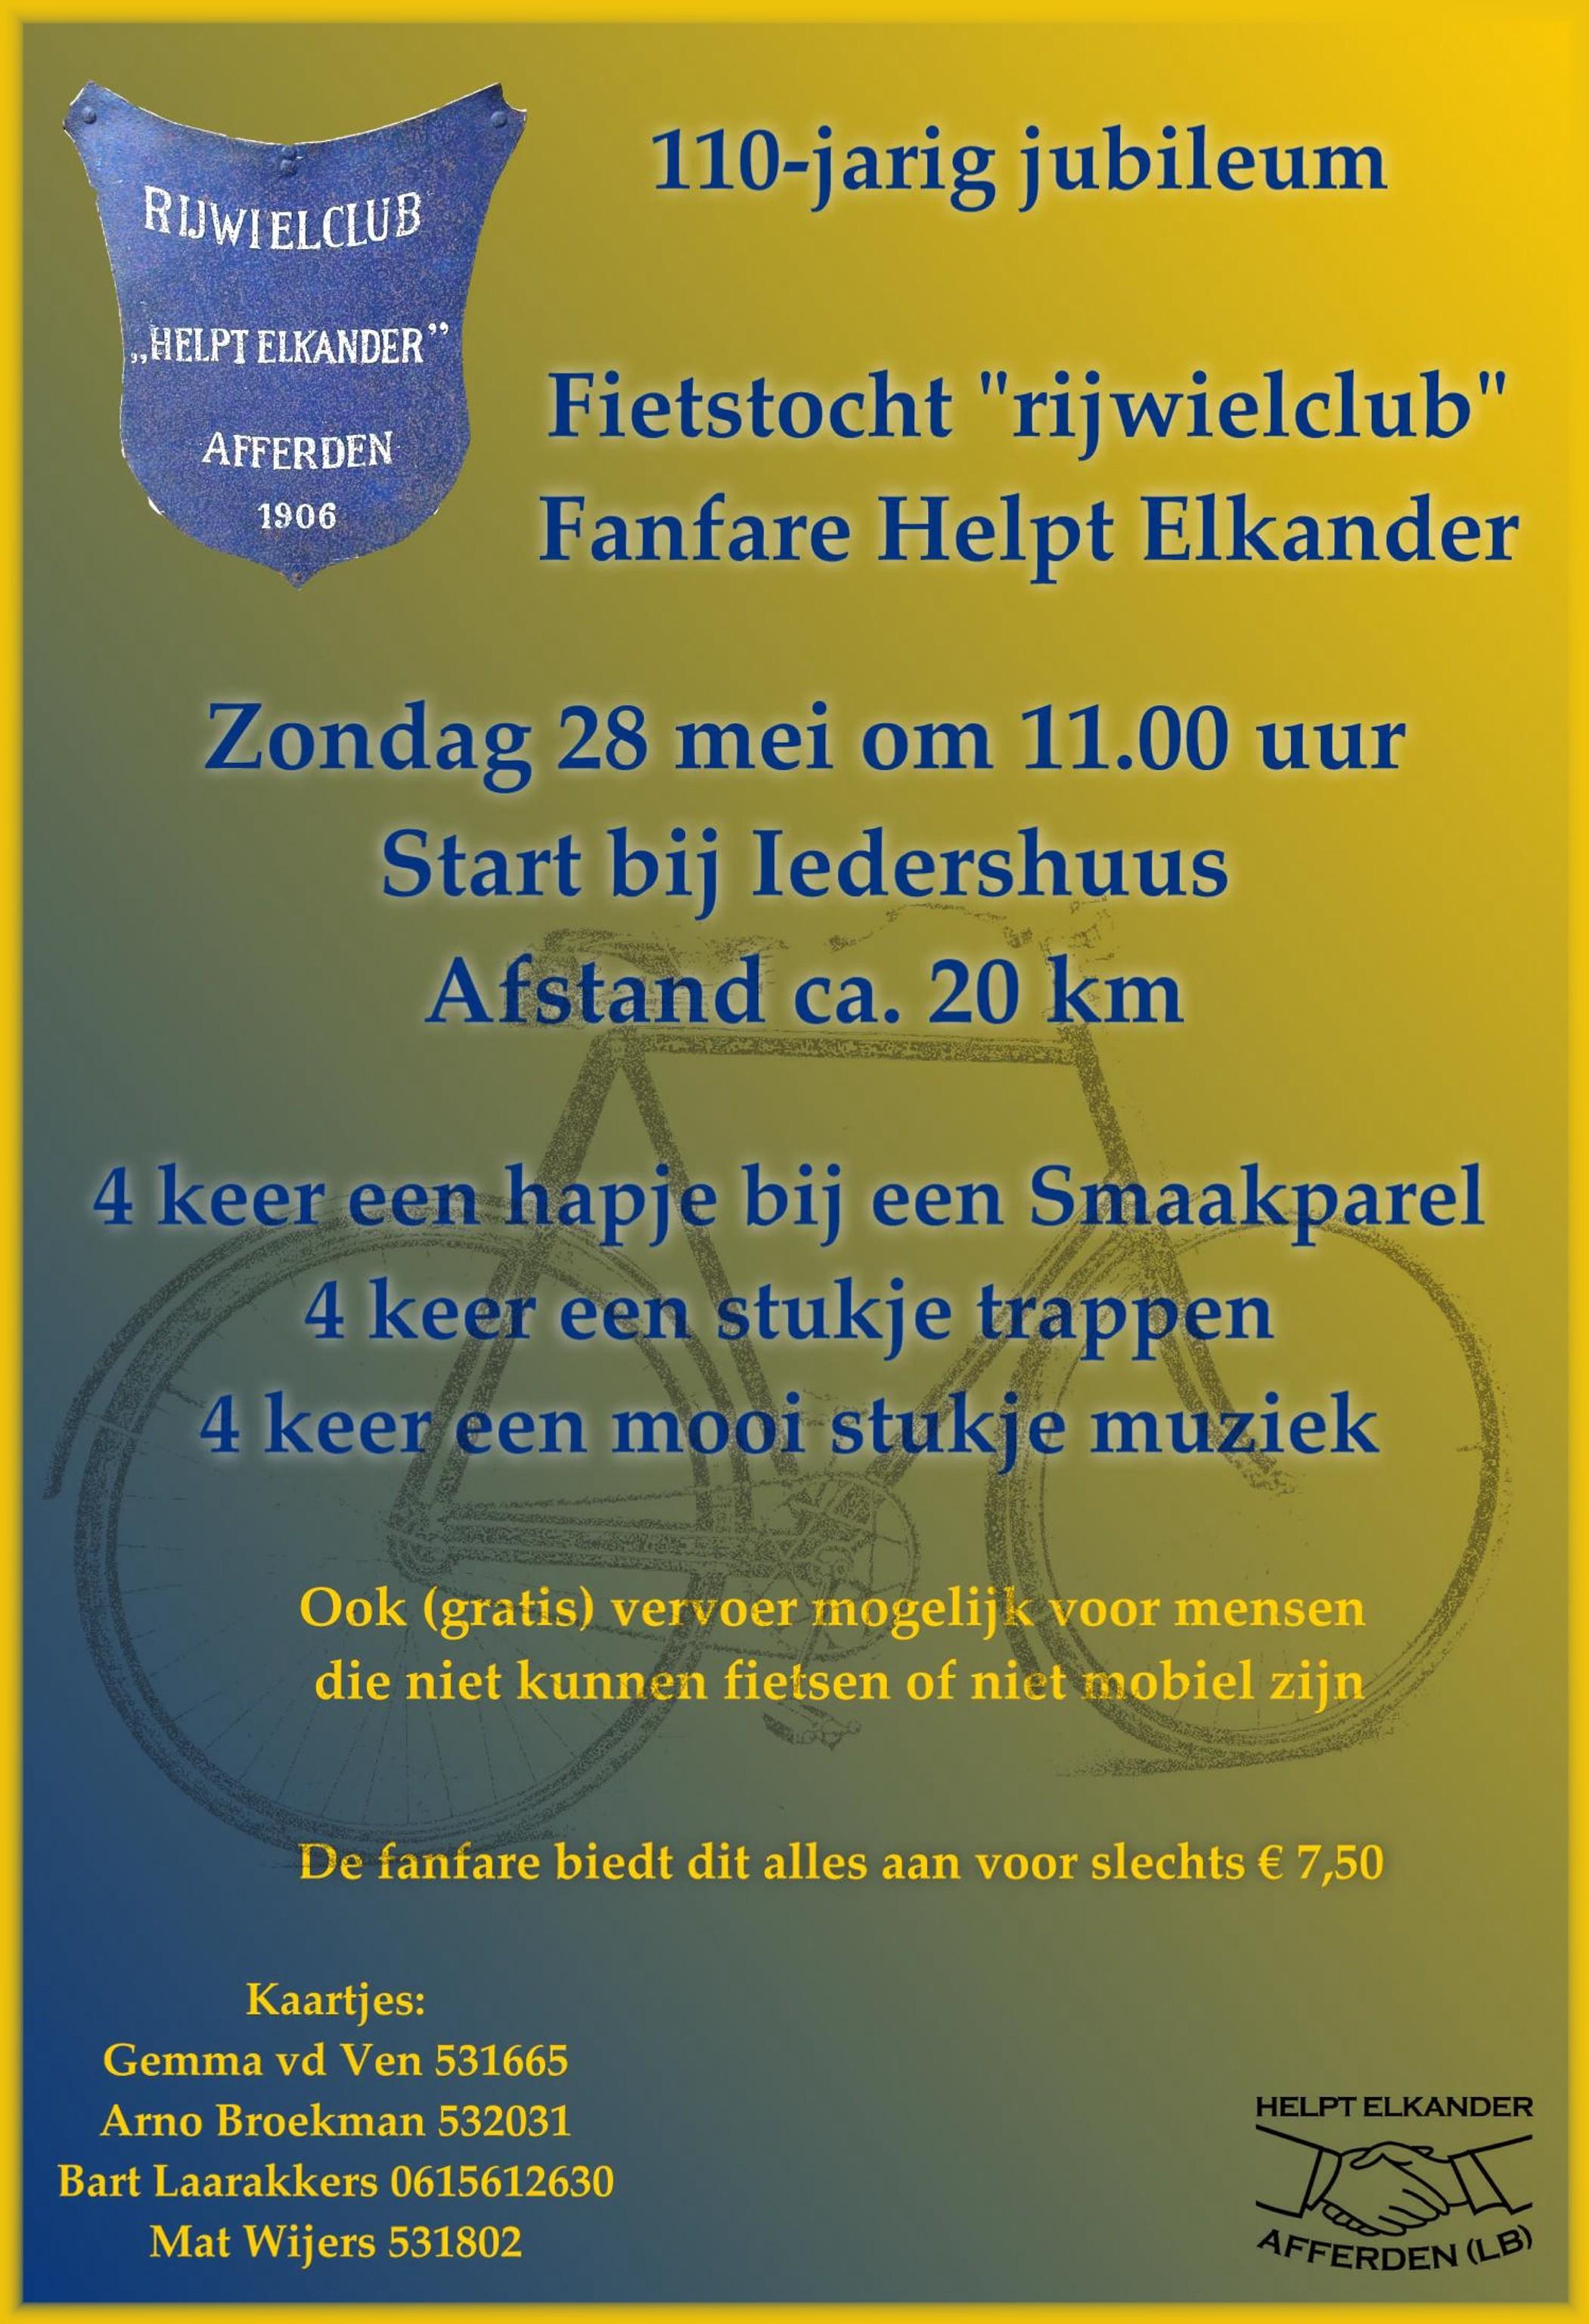 Fietstoertocht 'rijwielclub' Fanfare Helpt Elkander op zondag 28 mei 2017